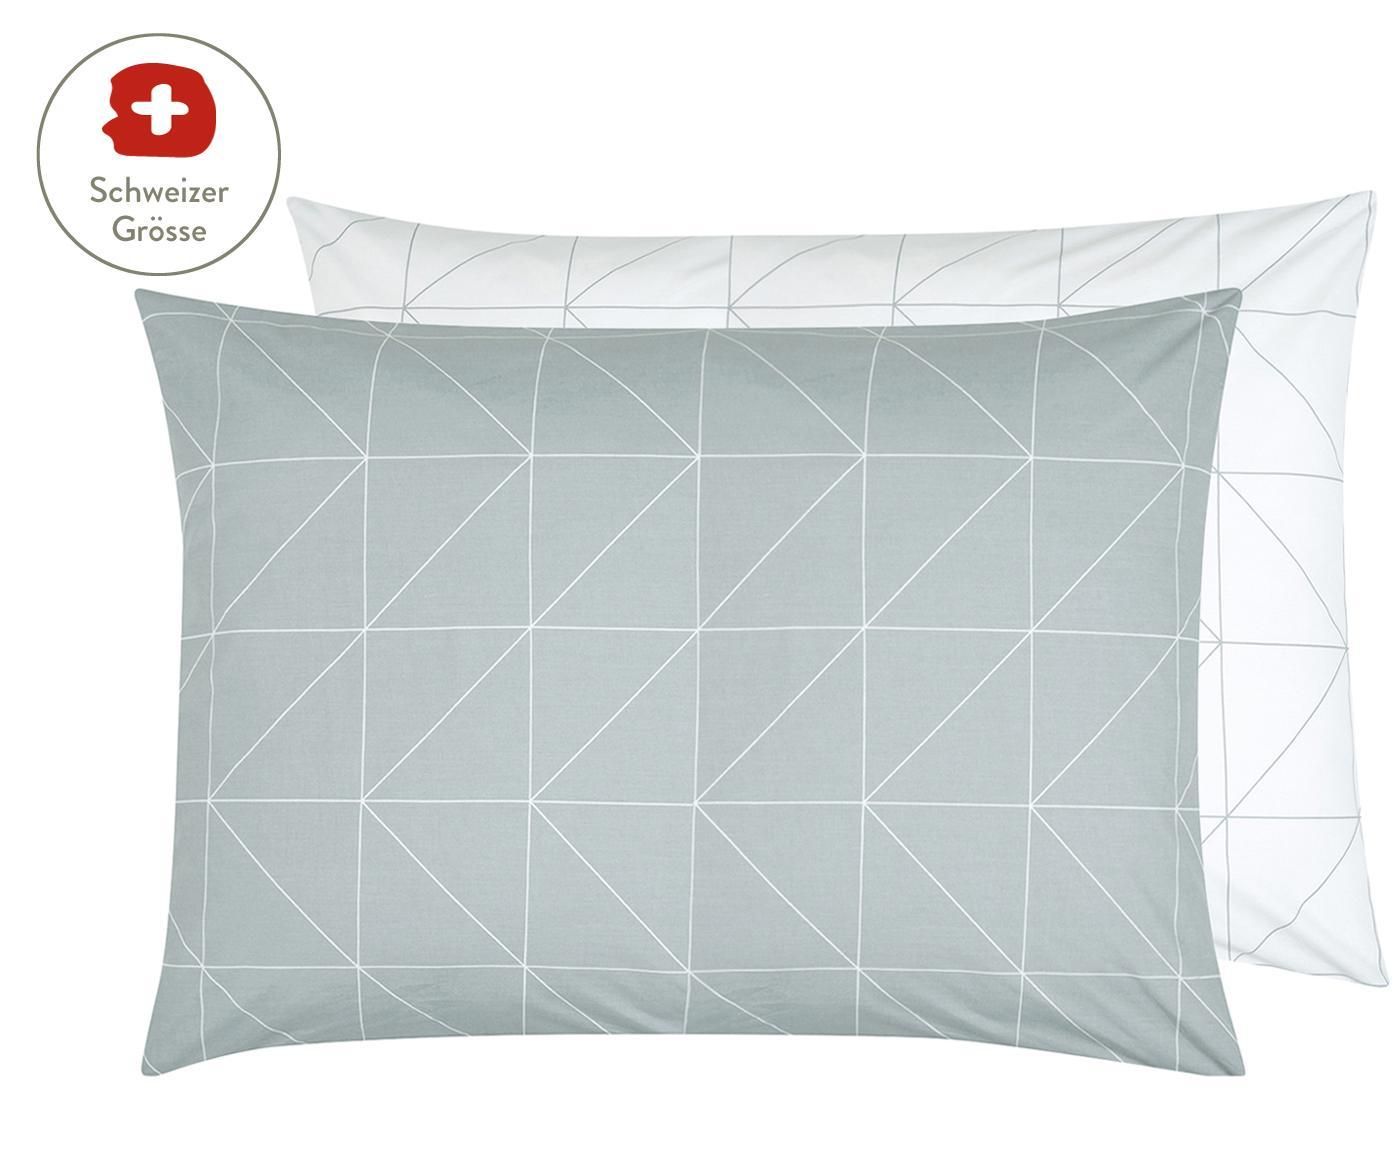 Baumwoll-Wendekissenbezug Marla mit grafischem Muster, Webart: Renforcé Fadendichte 144 , Grau, Weiss, 50 x 70 cm